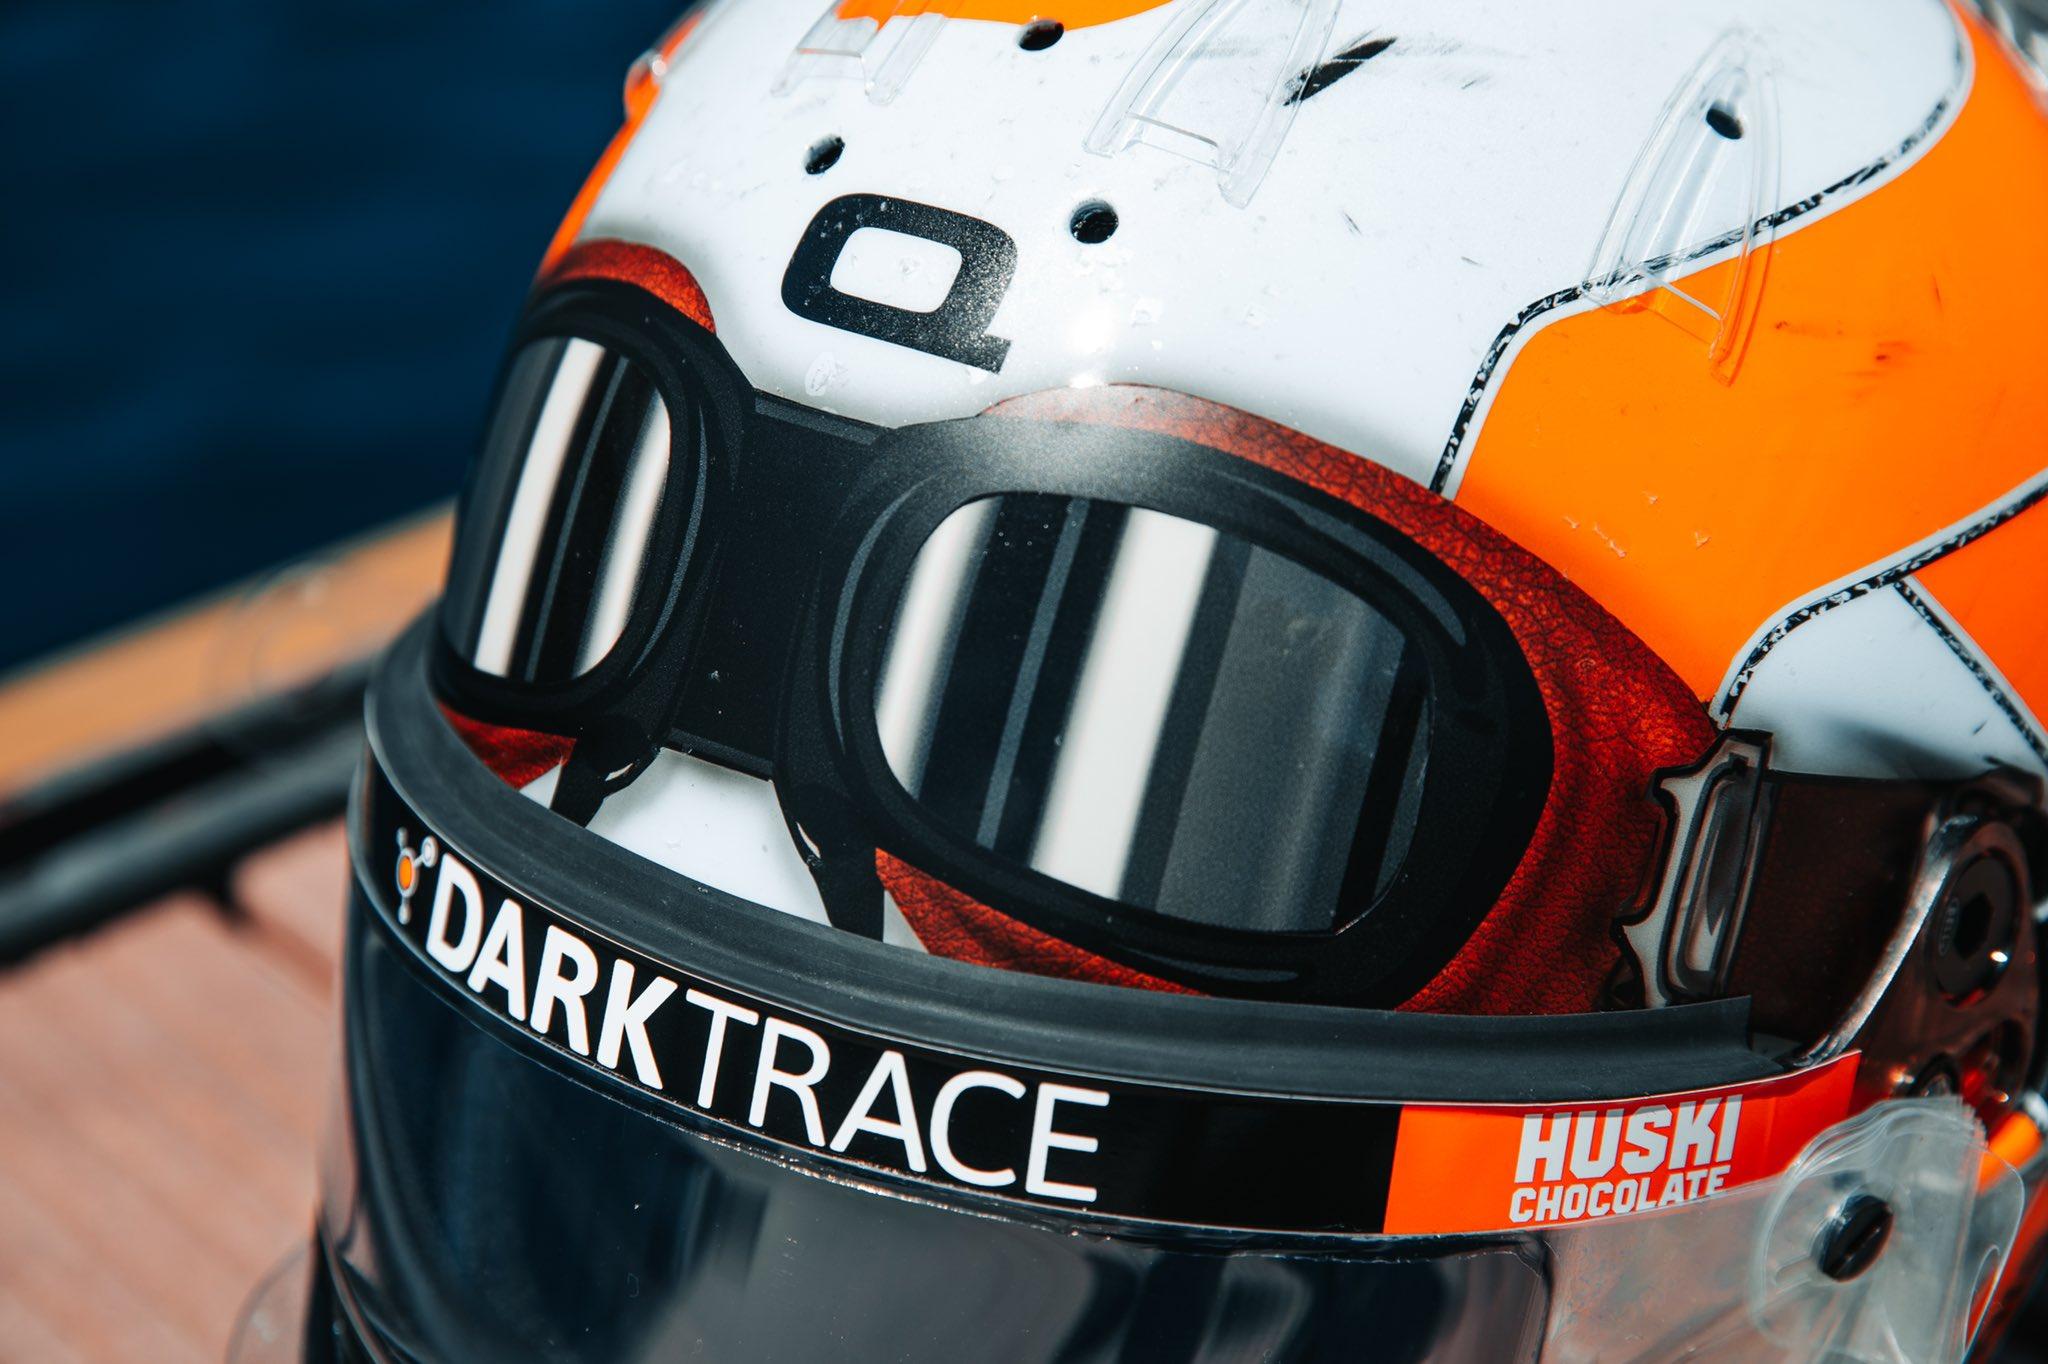 Lando Norris 2021 Monaco Grand Prix helmet